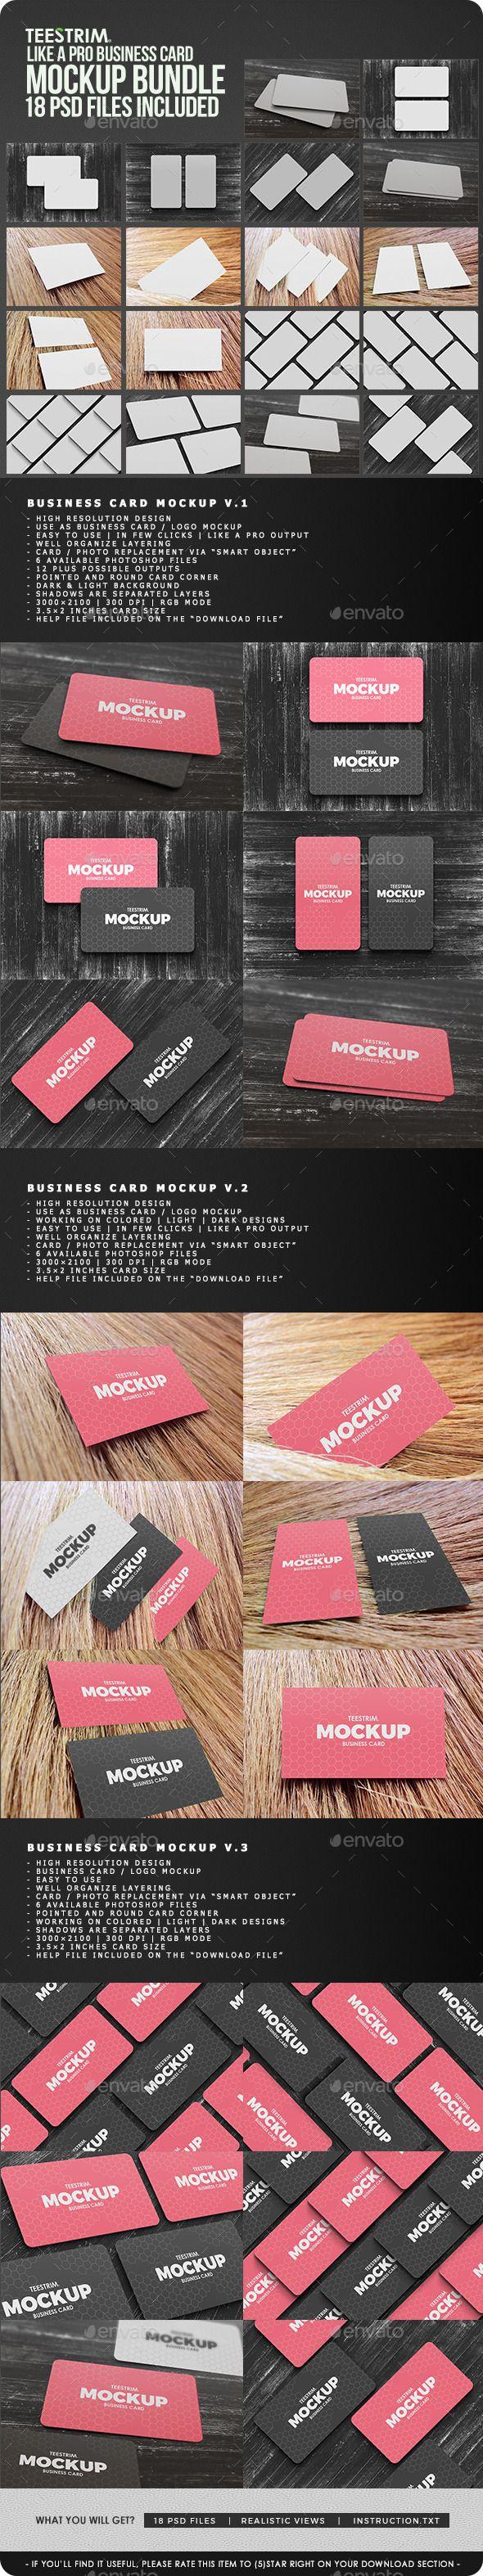 18 in 1 business card mock up bundle v1 mockup business cards 18 in 1 business card mock up bundle v1 reheart Images